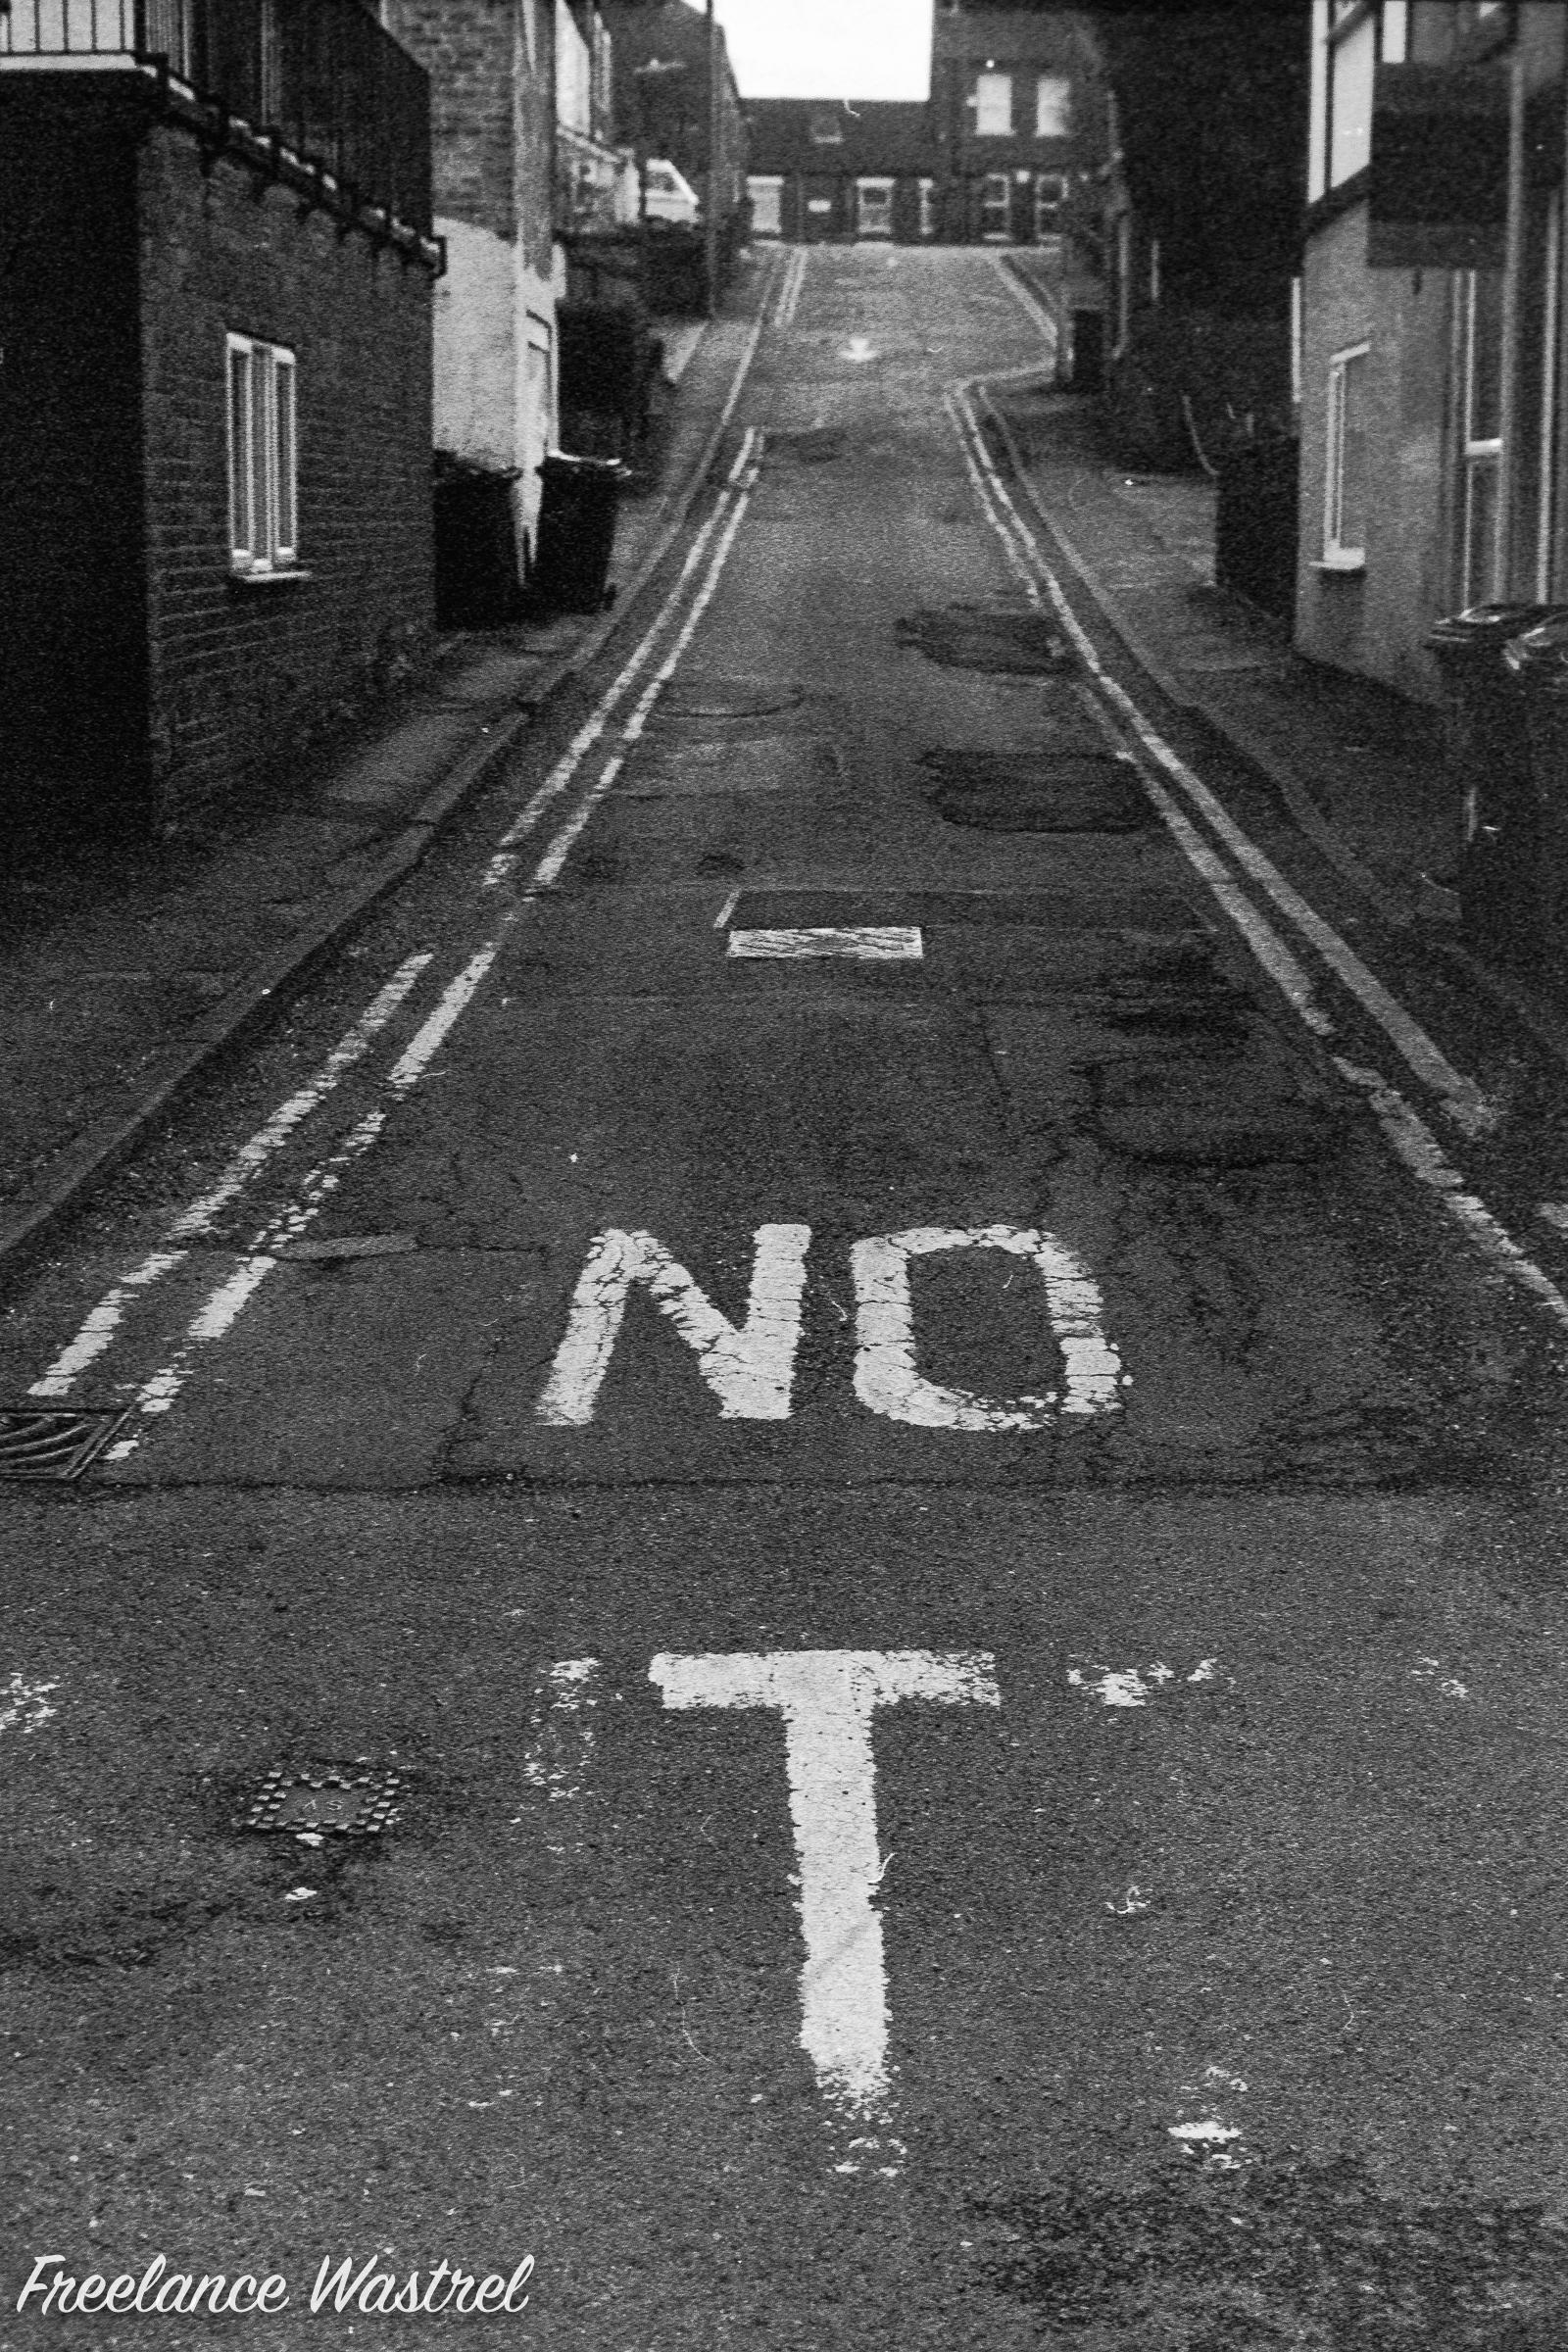 'No T'